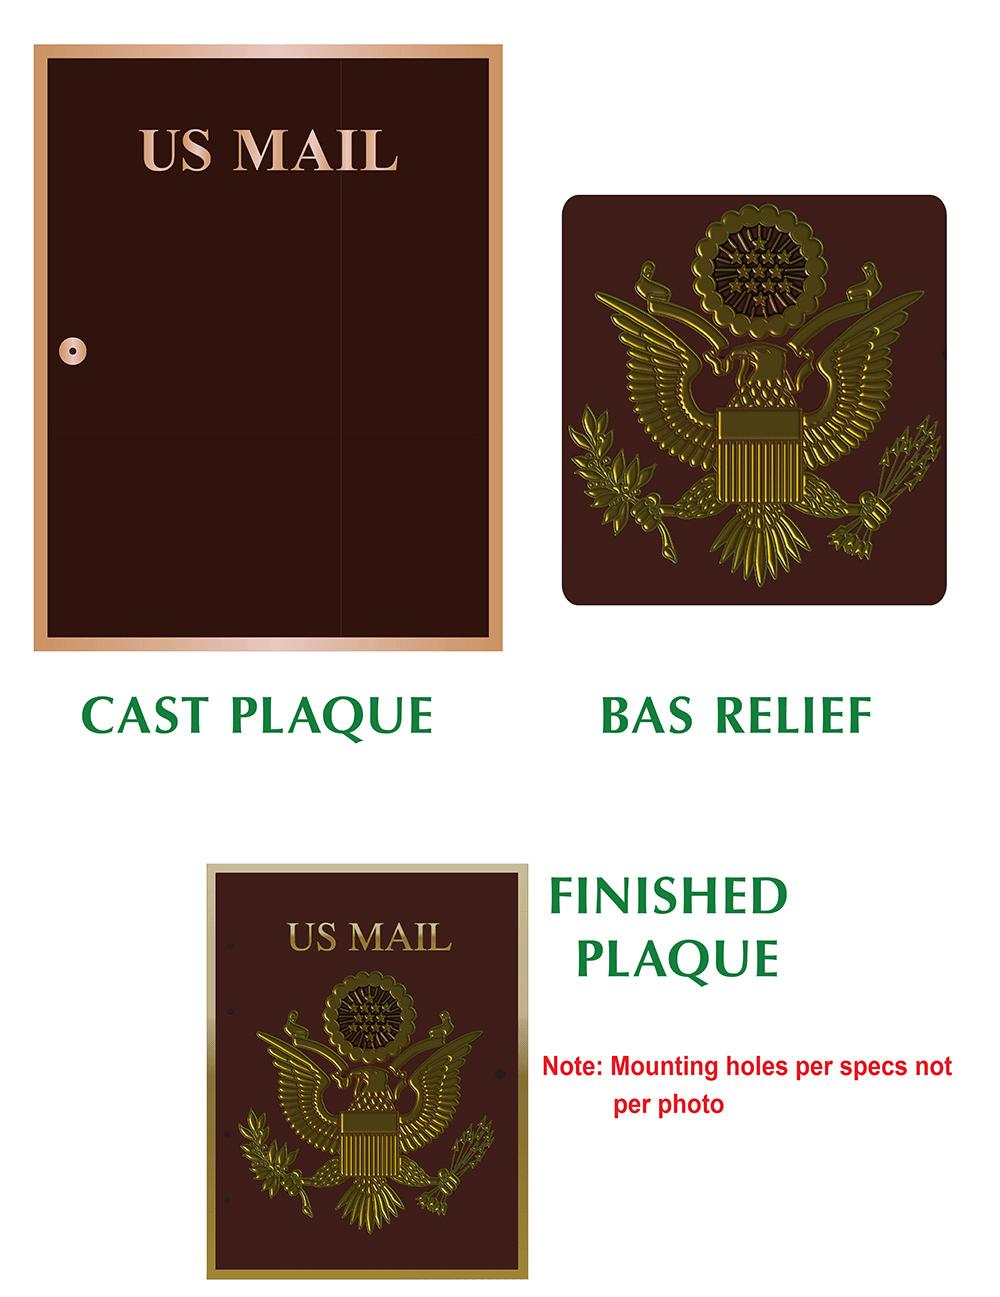 Bas Relief